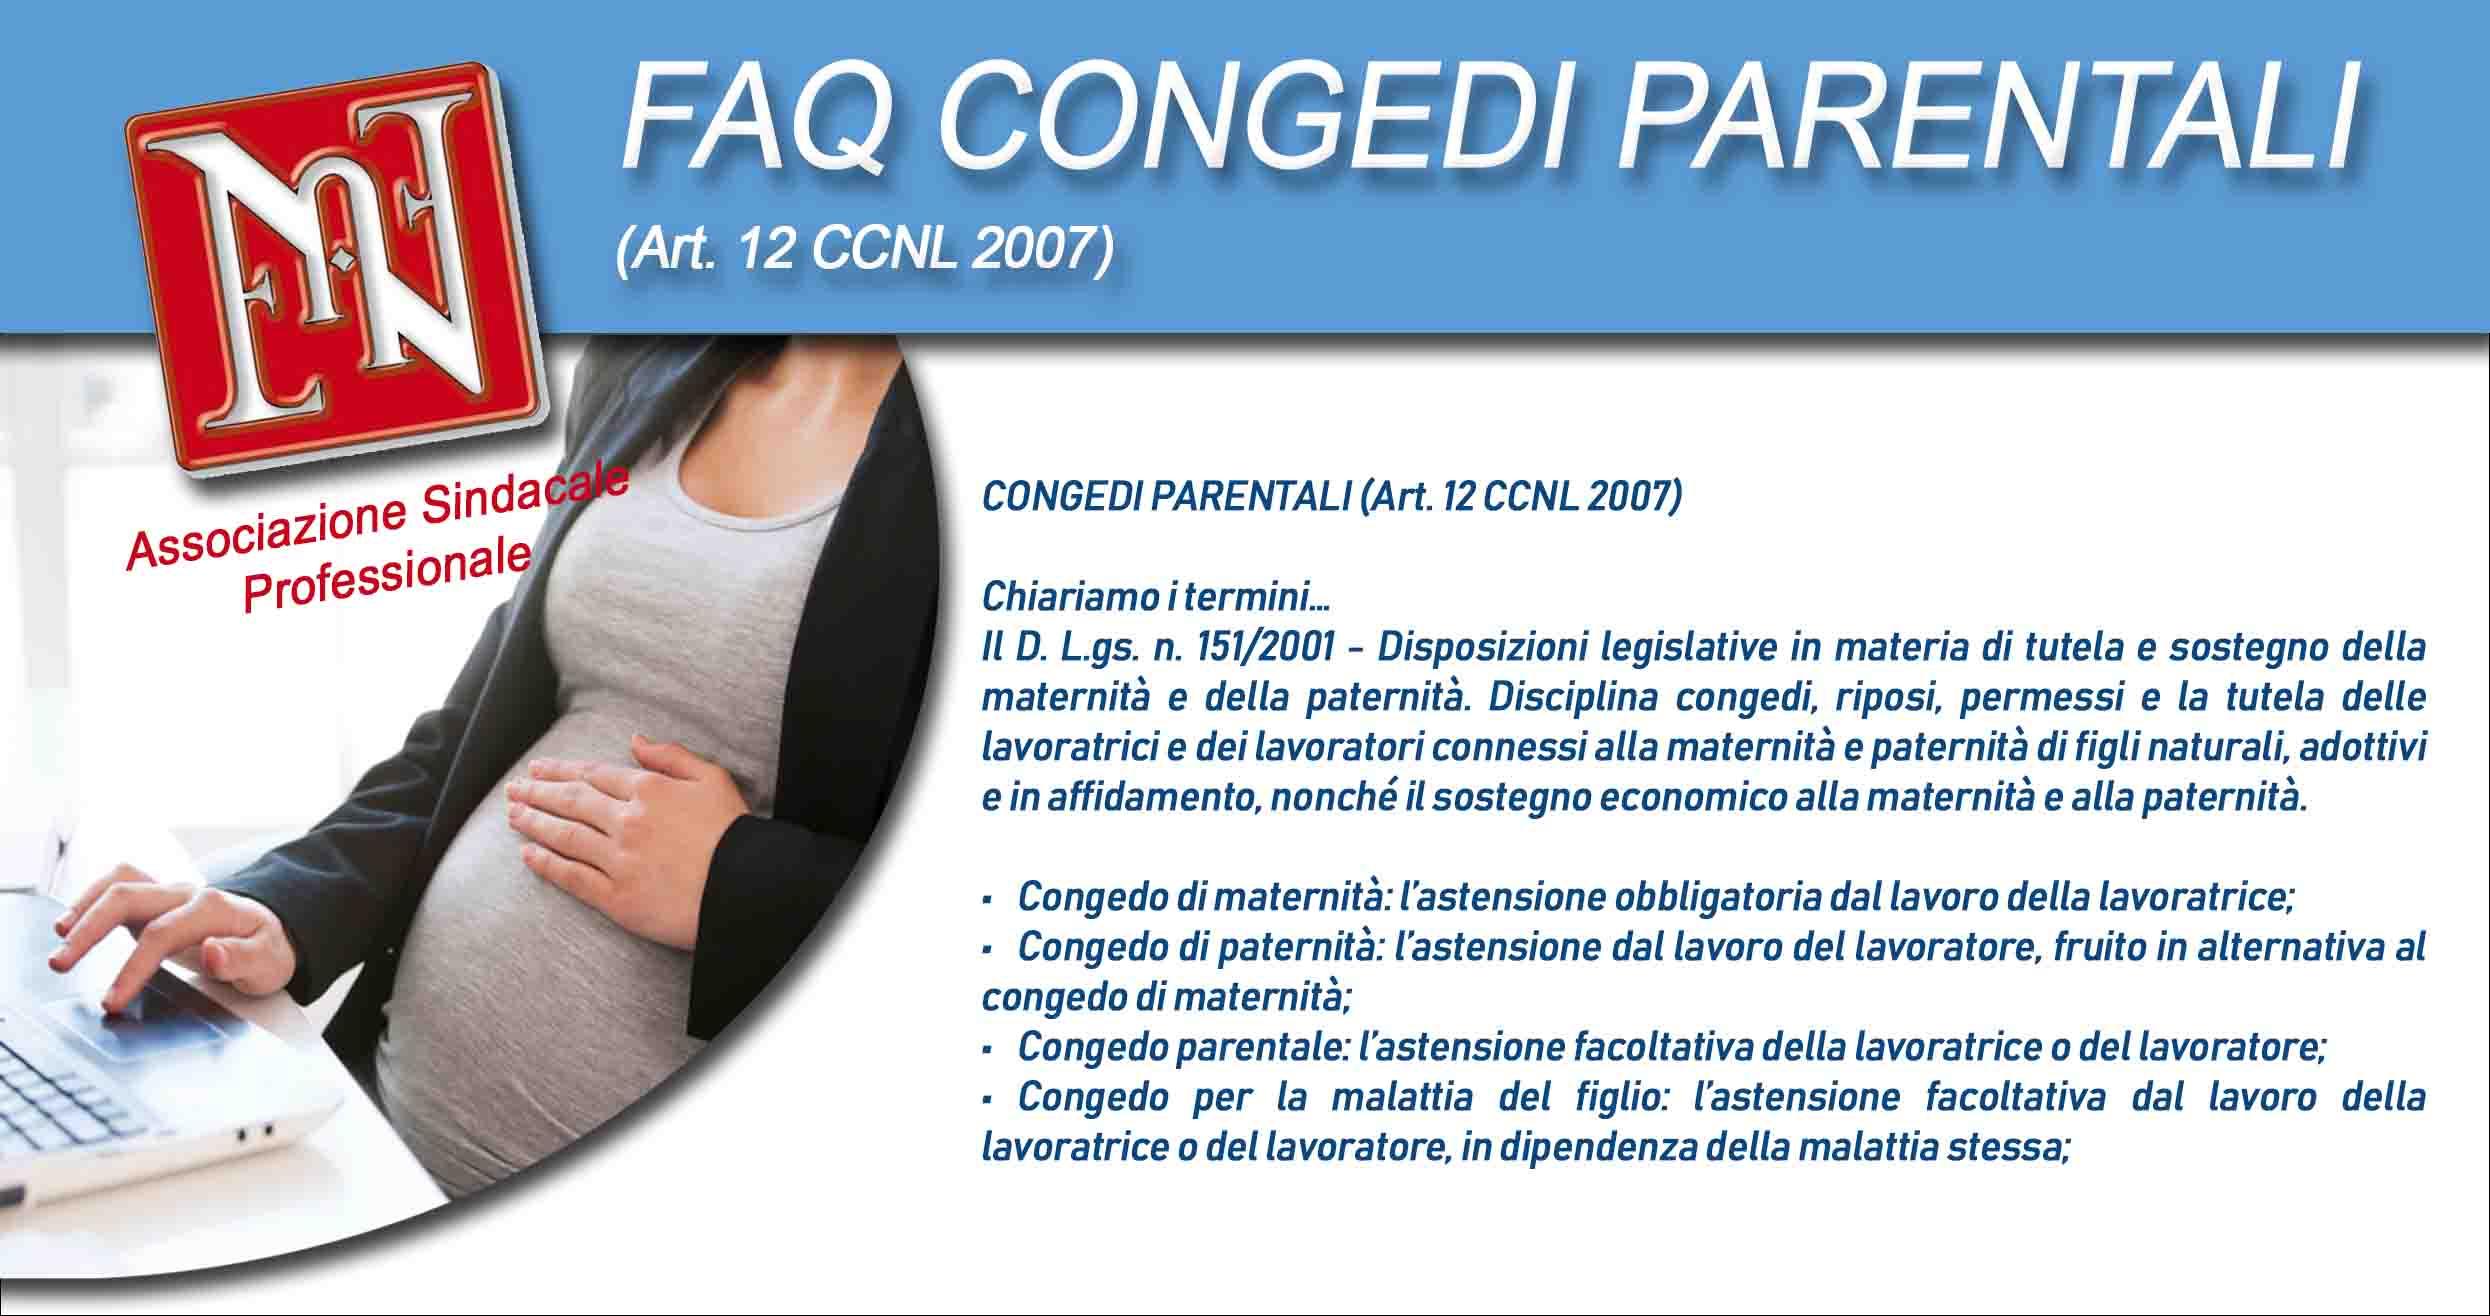 Faq Congedi Parentali Art 12 Ccnl 2007